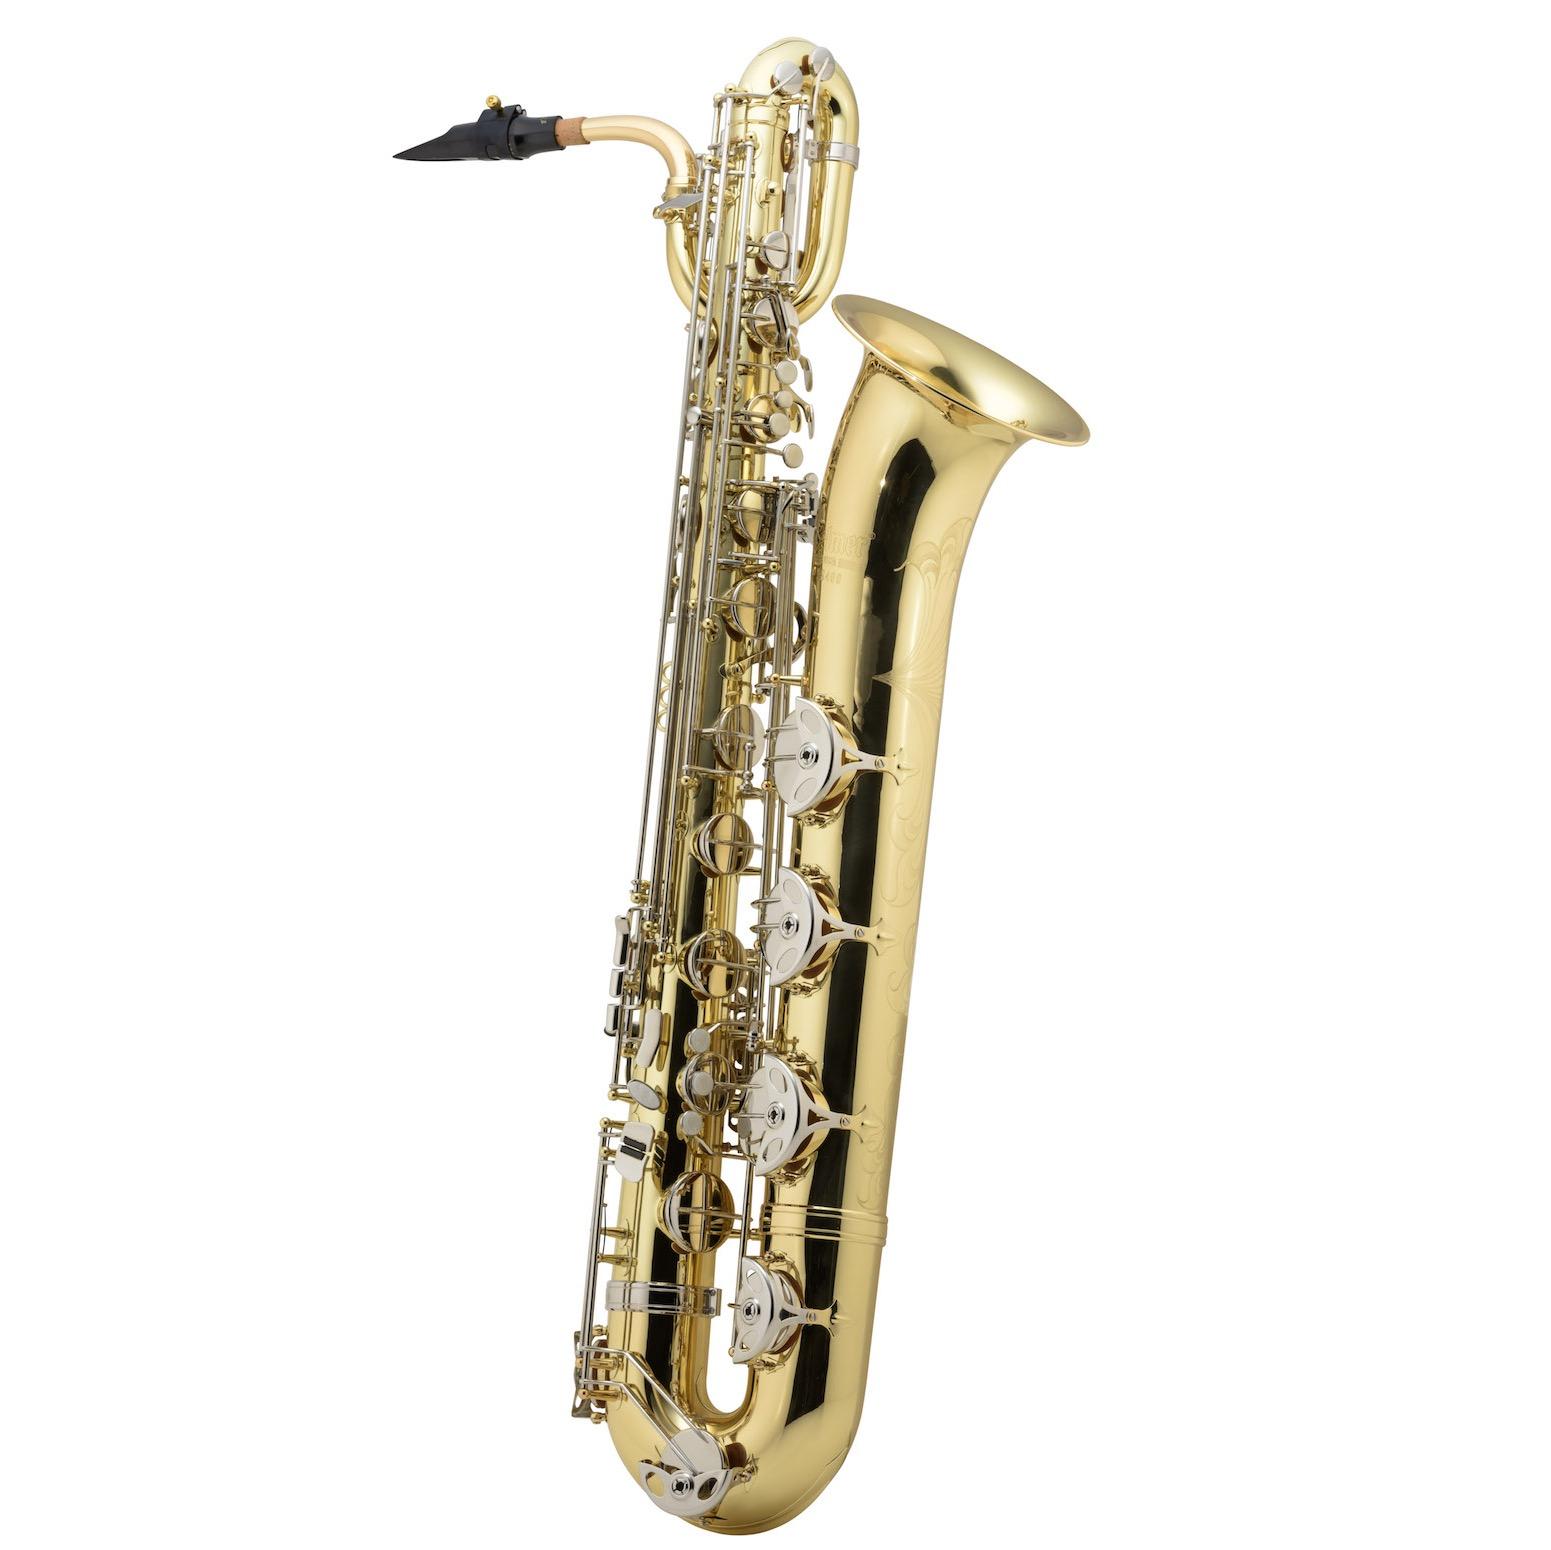 Selmer BS400 Baritone Saxophone